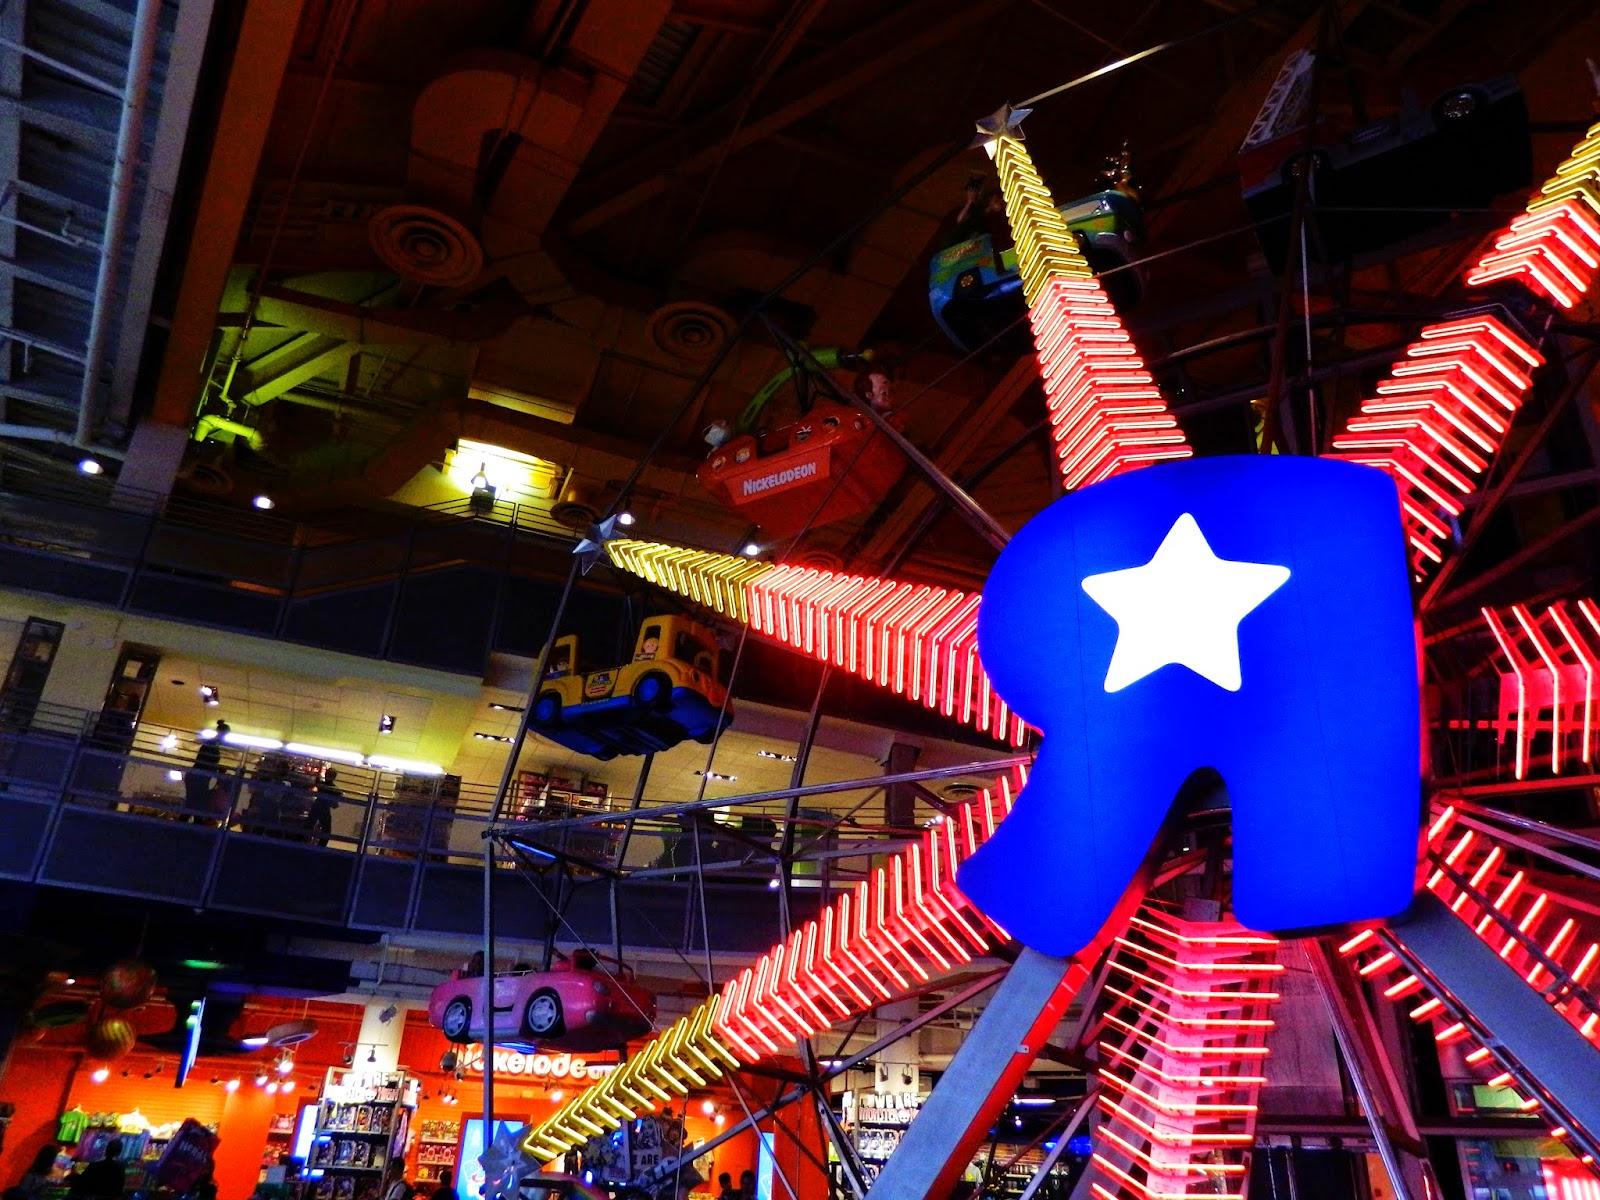 new york city toys r us ferris wheel big times square